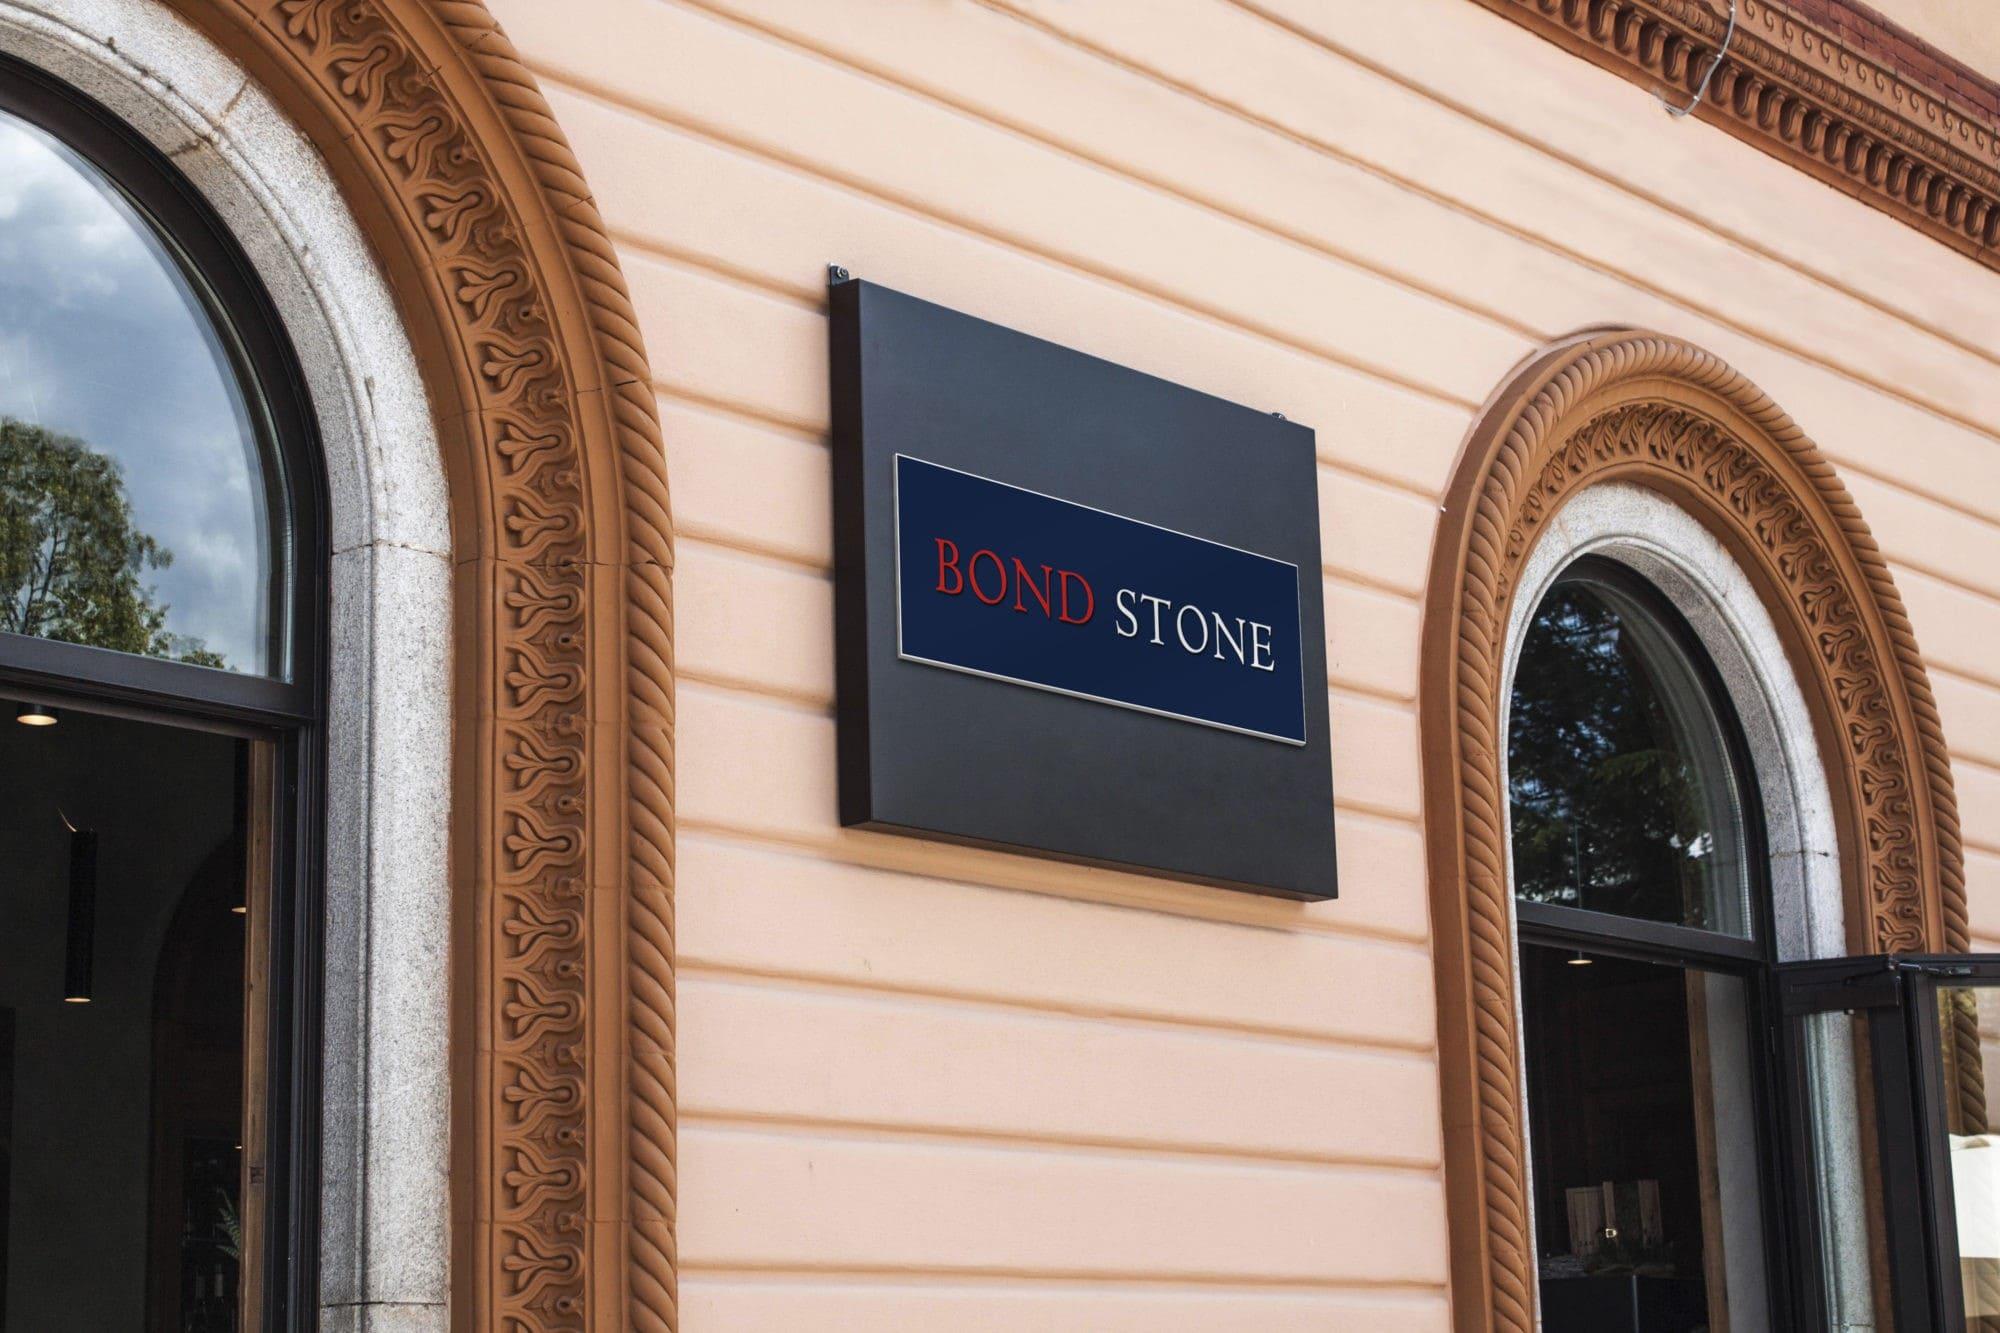 bond stone facade 2 e1538498794457